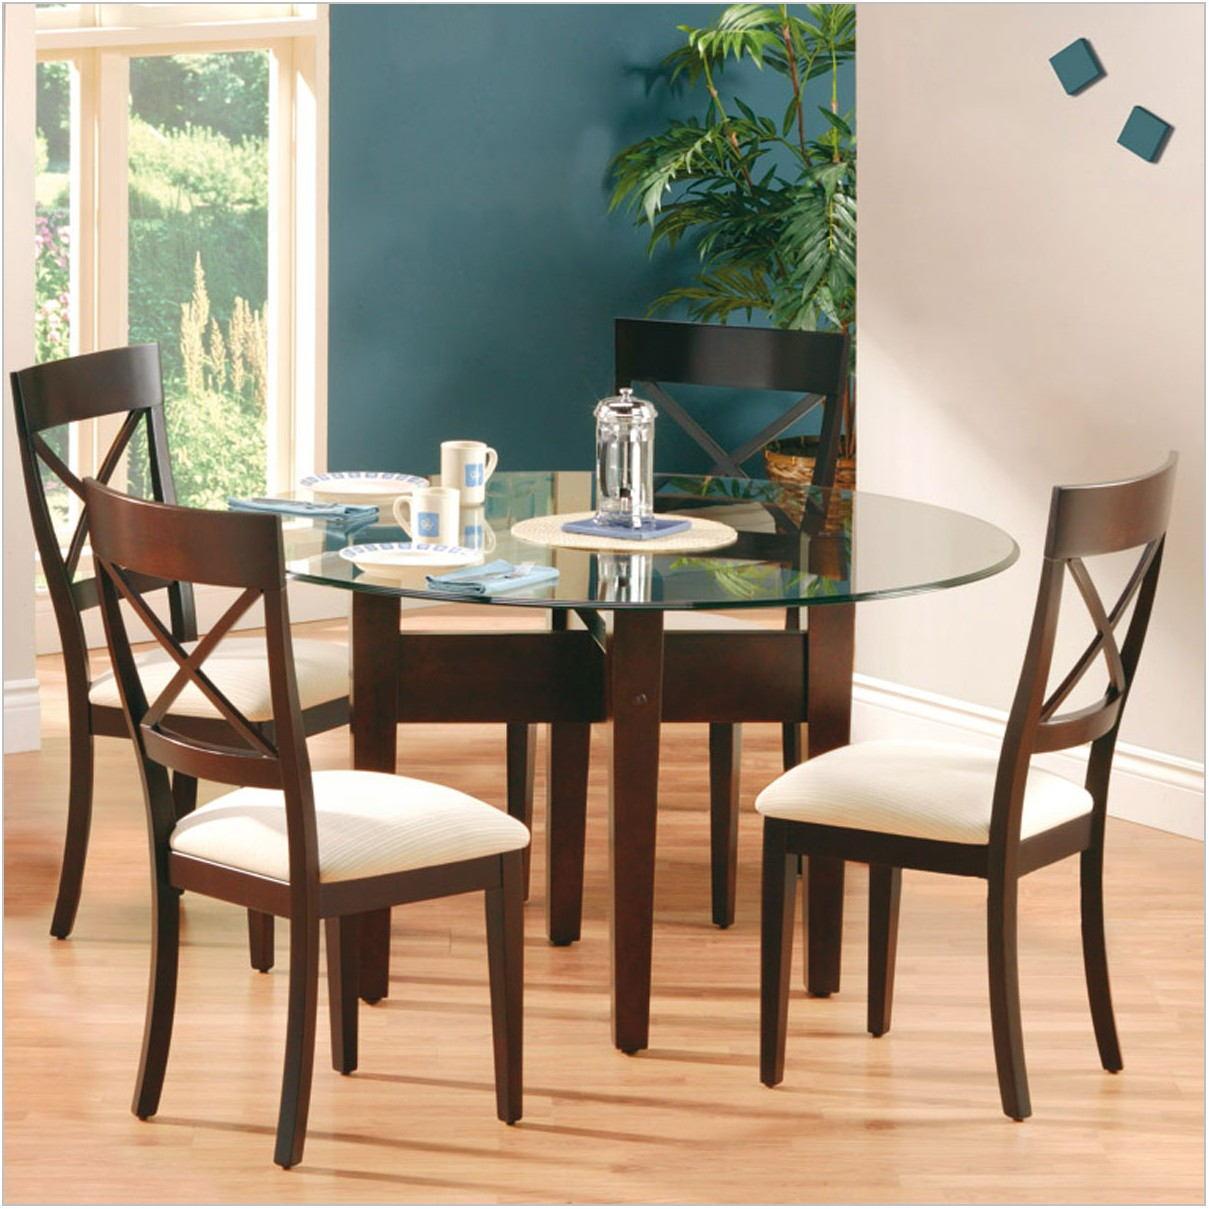 Mainstays Dining Room Set